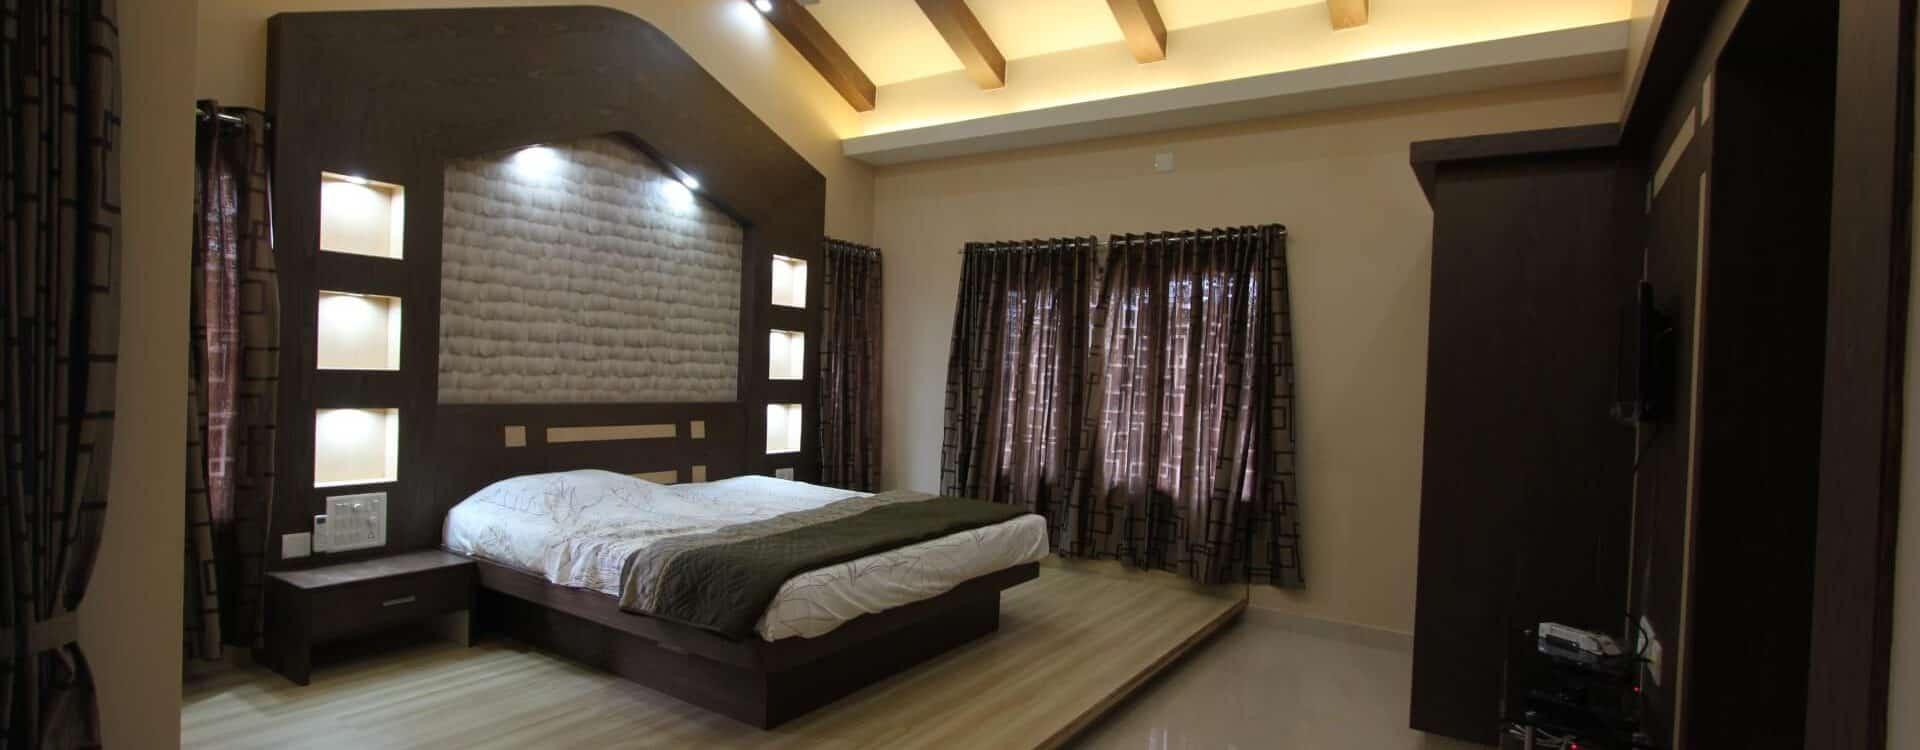 Mr. S. Shetty Residence at Karkala